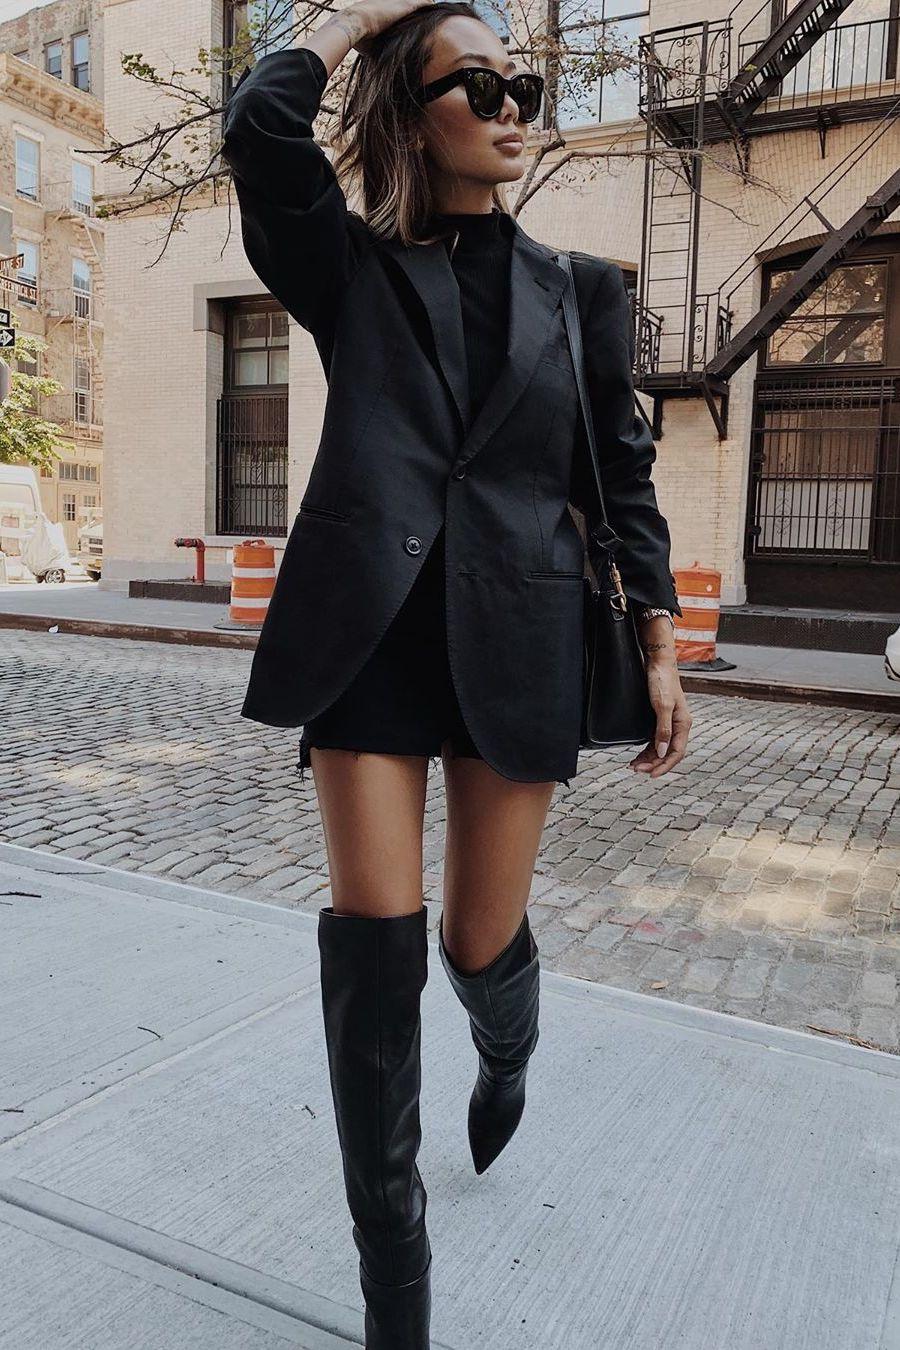 oversized blazer trend 2020